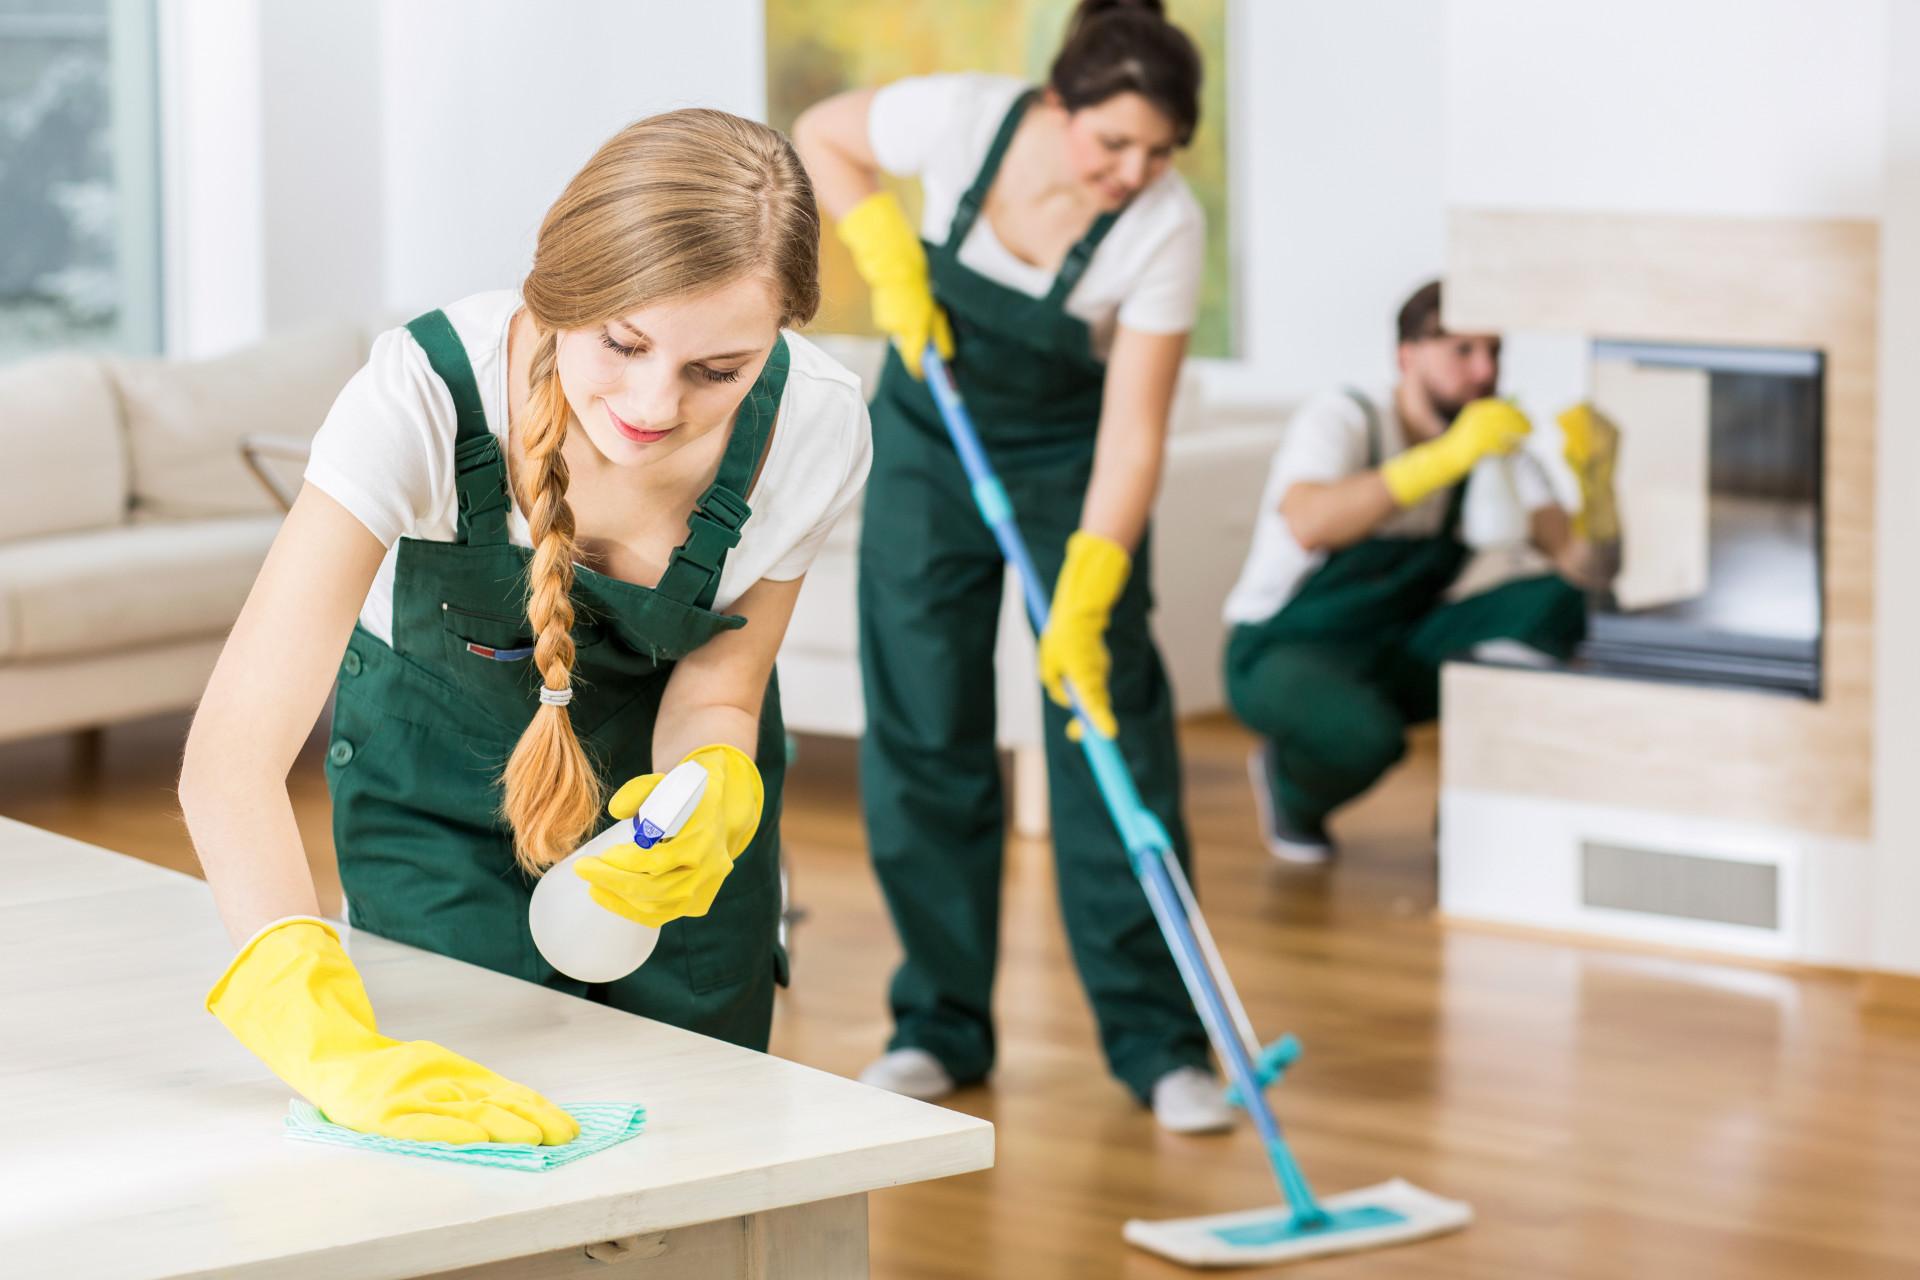 Housekeeping temporário ou em regime de outsourcing